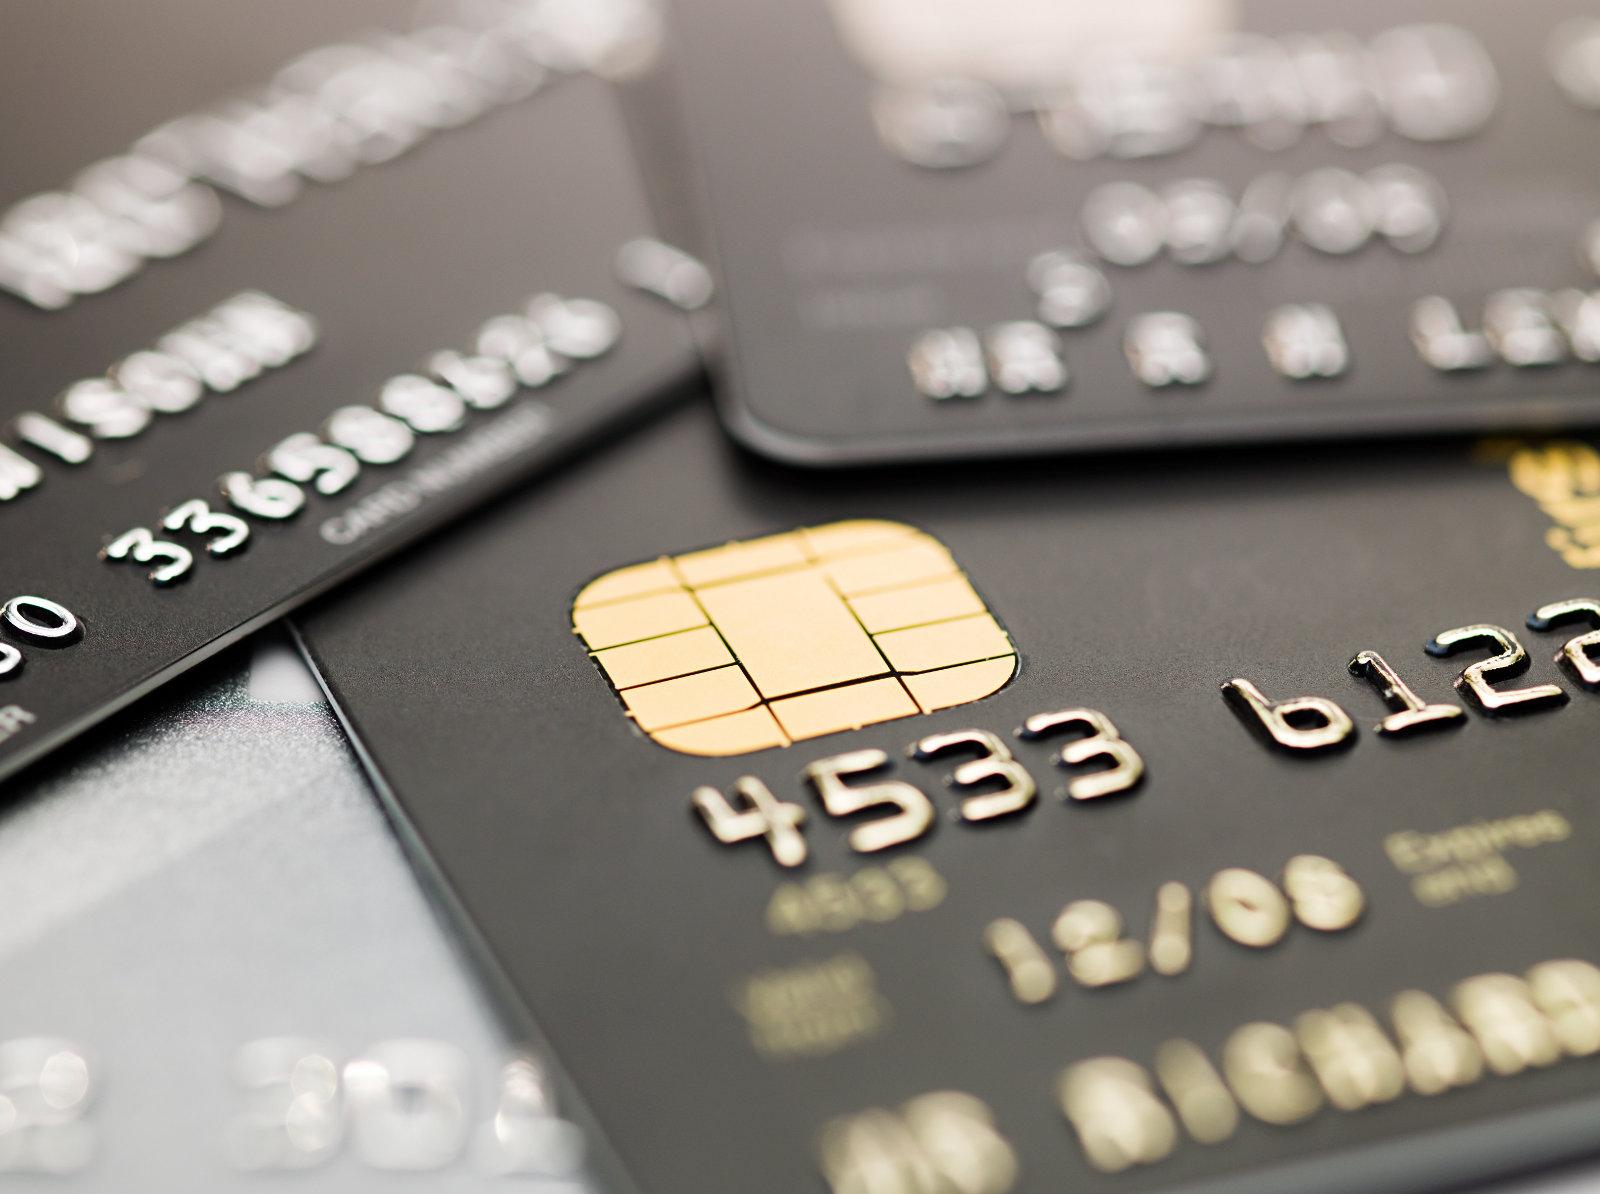 kredittkortselskapene